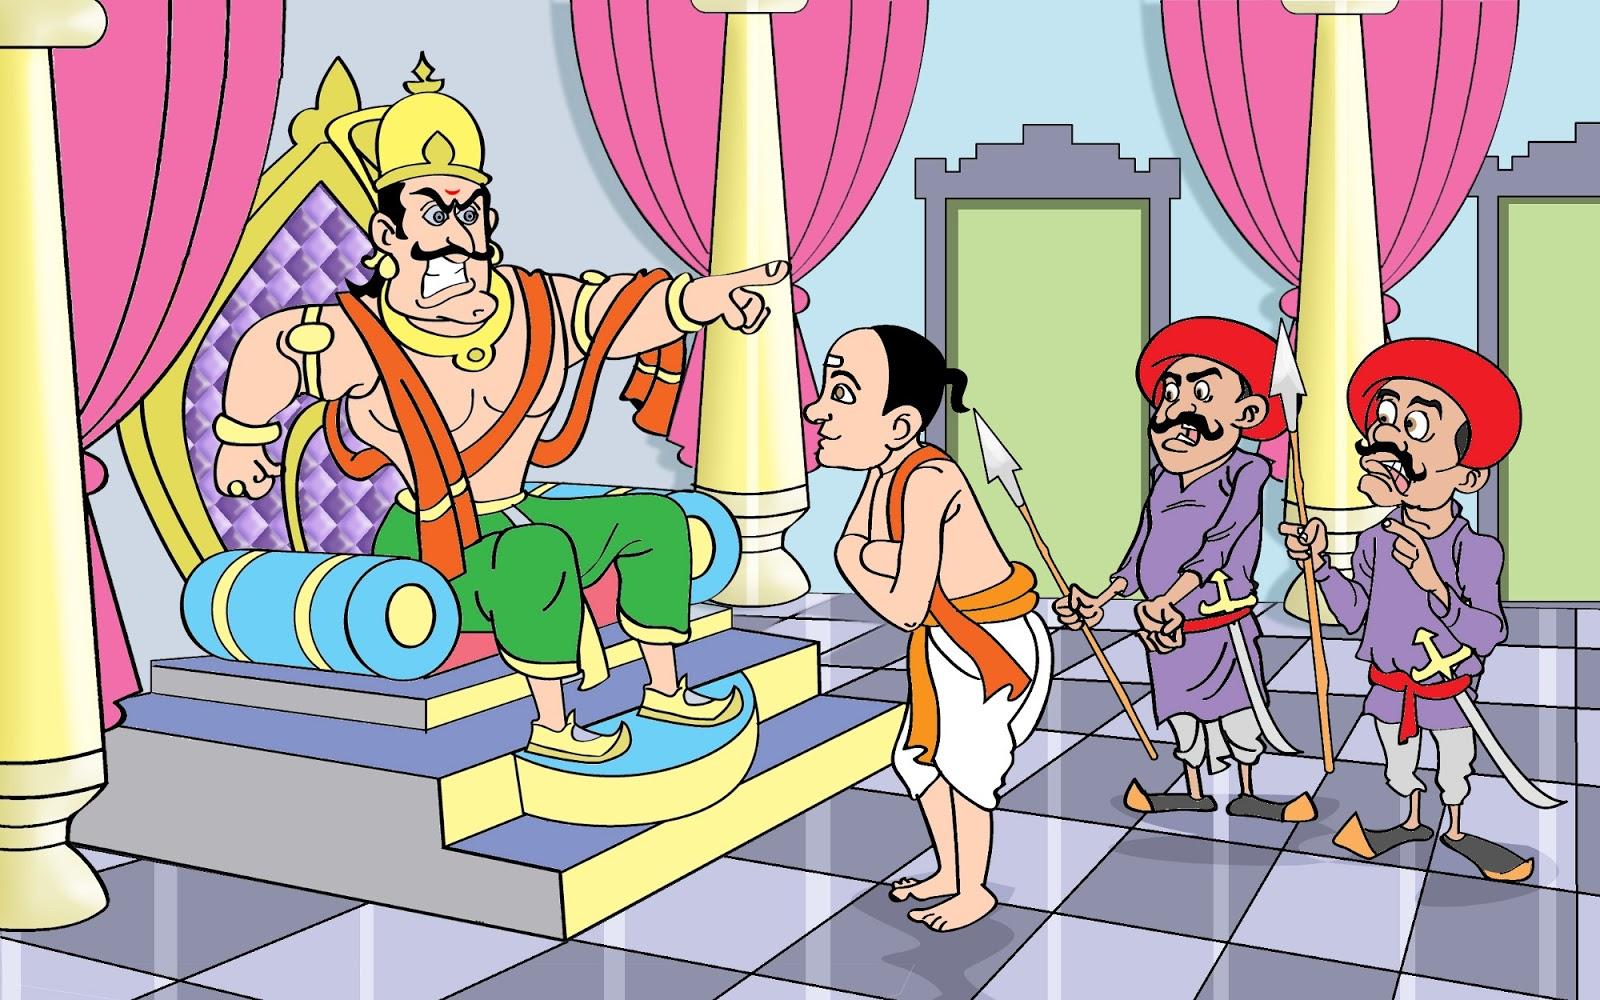 ಮಡಿಕೆ ಮುಖಧಾರಣೆ : ತೆನಾಲಿ ರಾಮಕೃಷ್ಣನ ಹಾಸ್ಯ ಕಥೆಗಳು - Tales of Tenali Ramakrishna